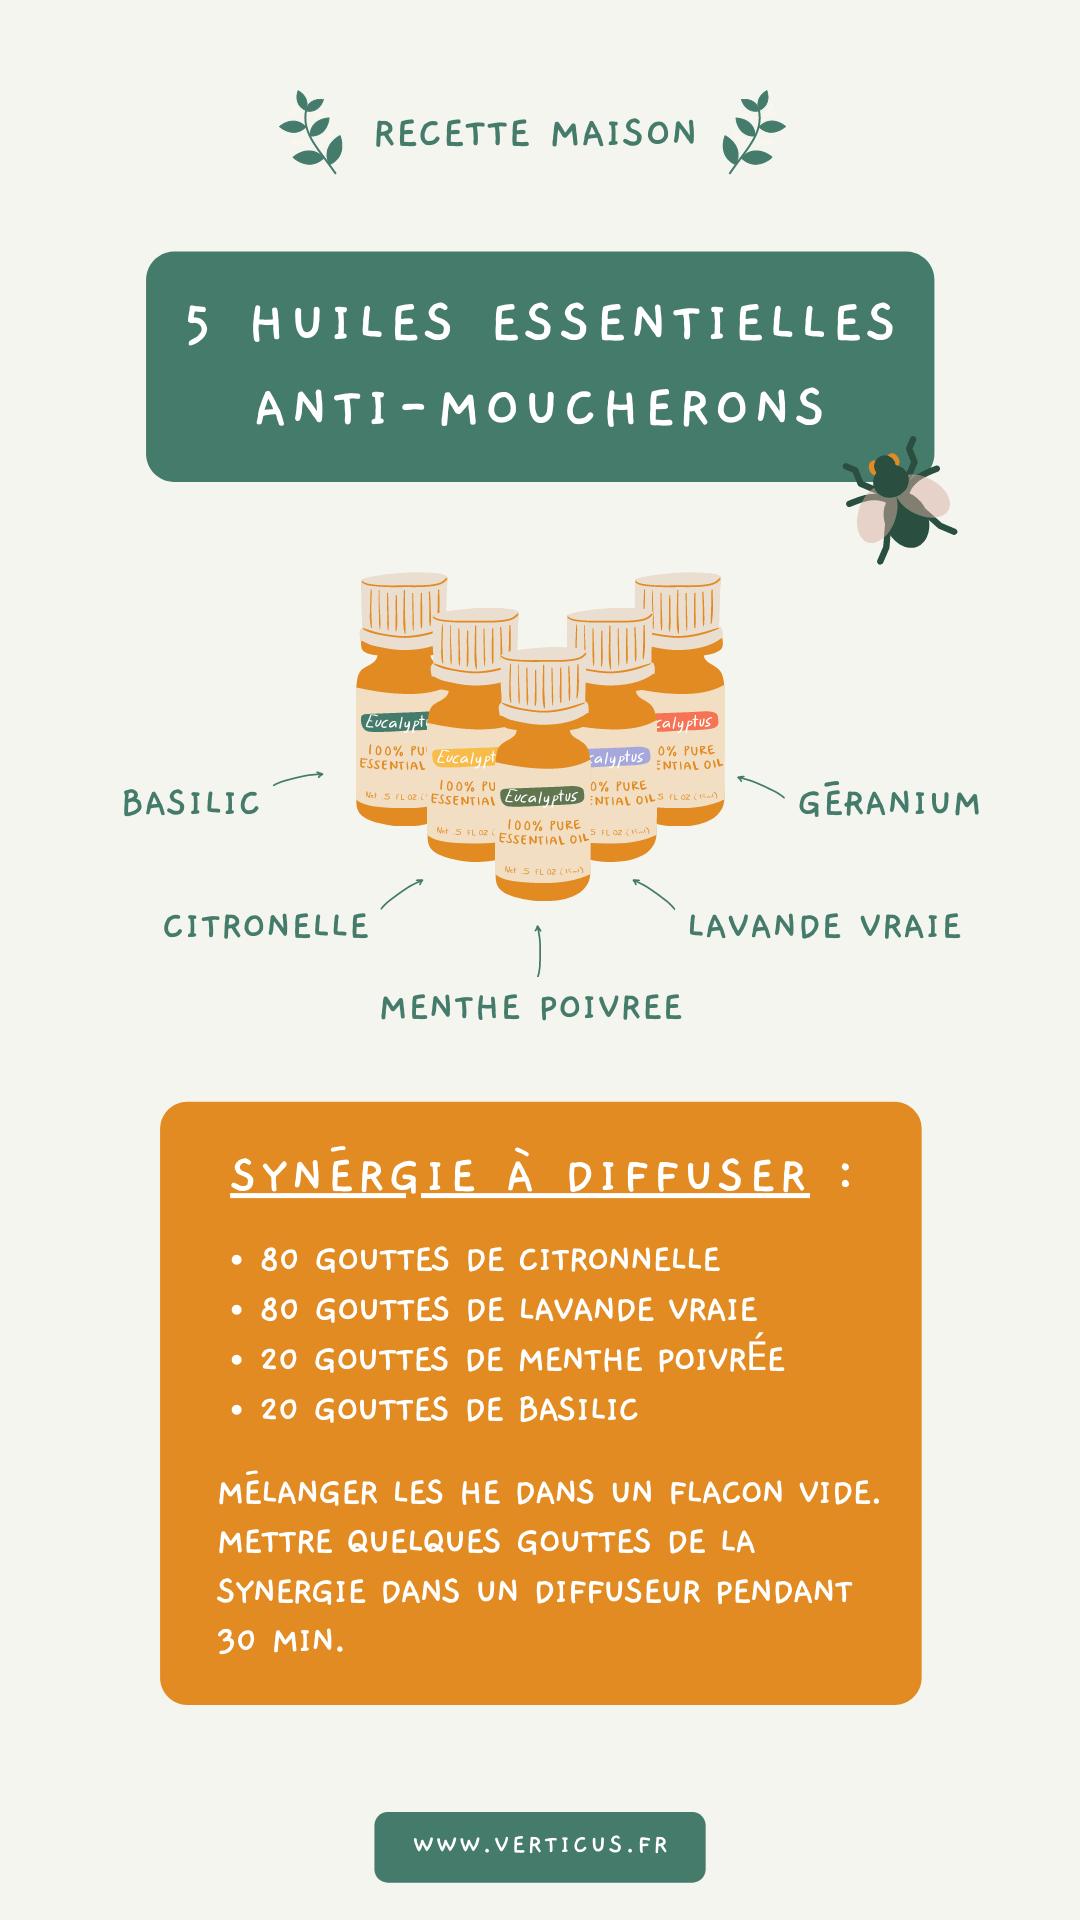 Synergie d'huiles essentielles anti-moucherons